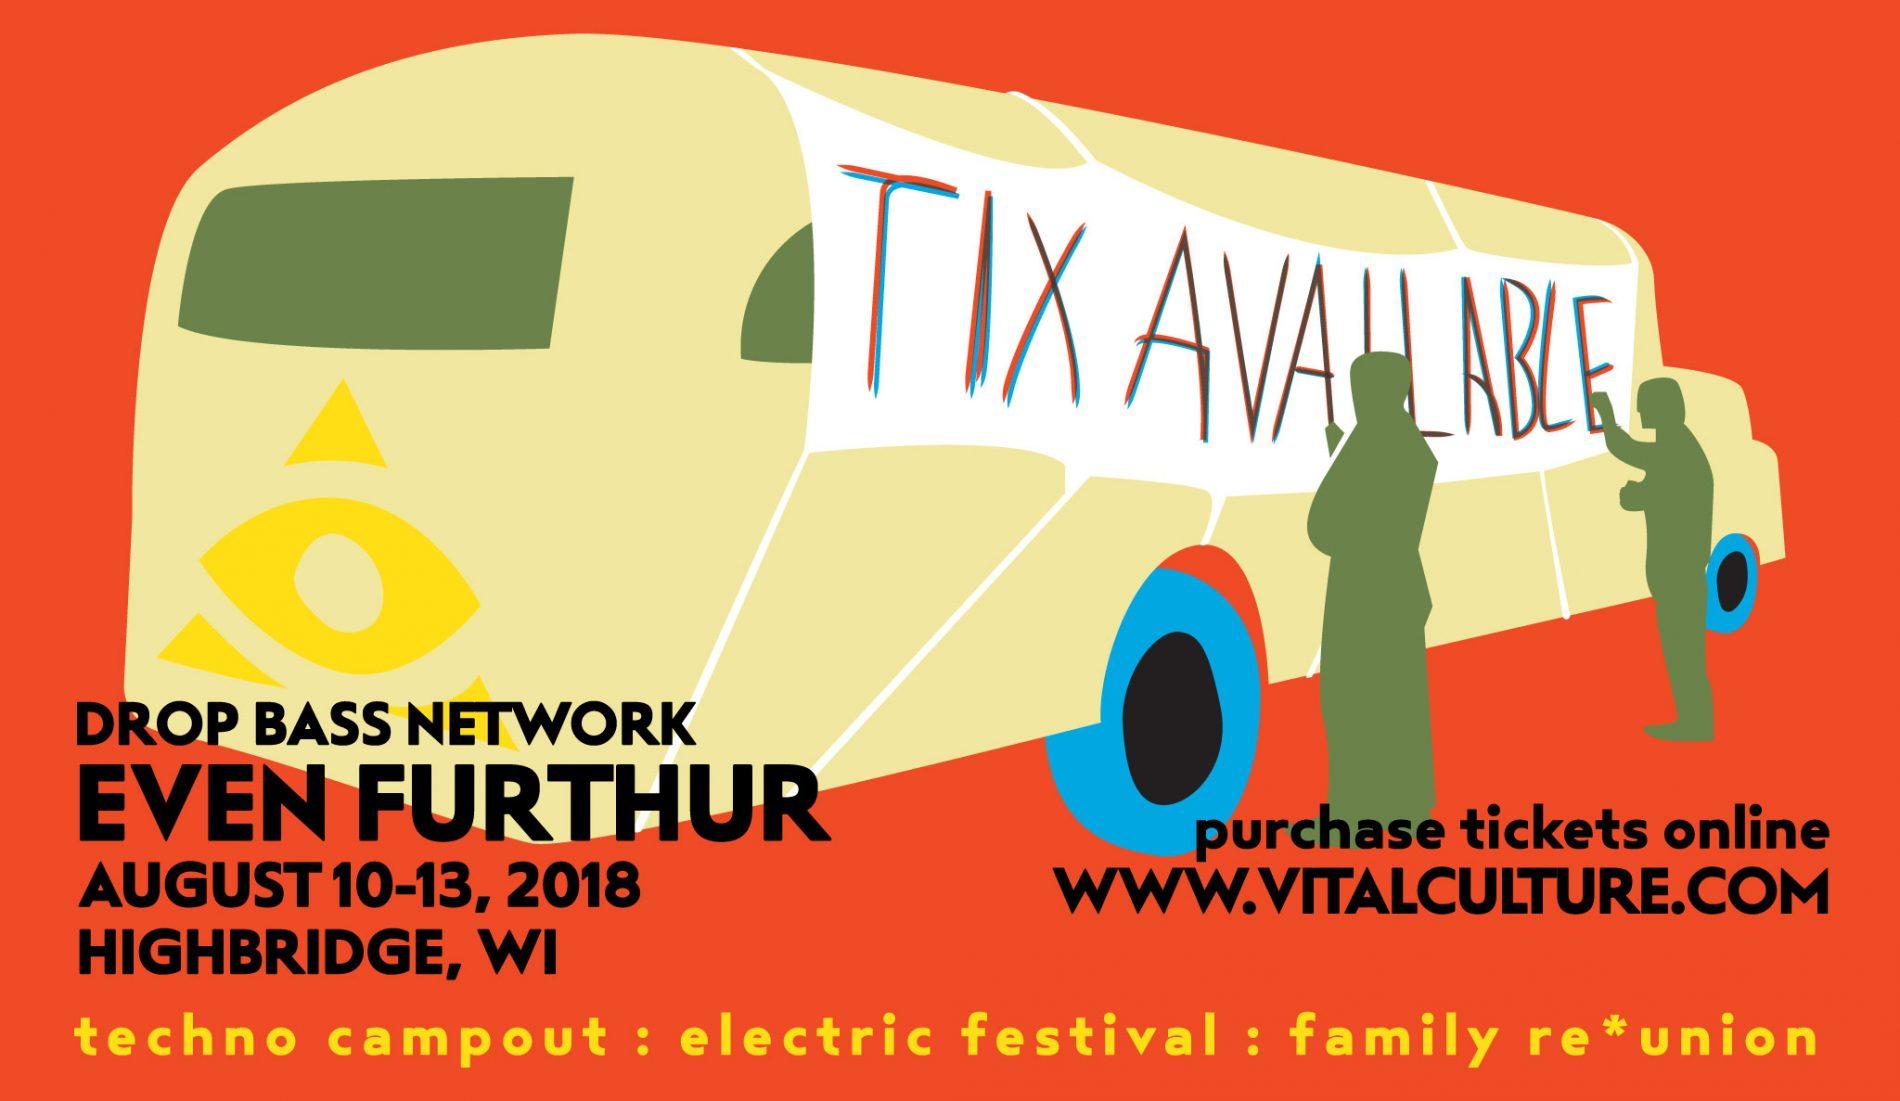 Drop Bass Network Even Furthur August 10-13